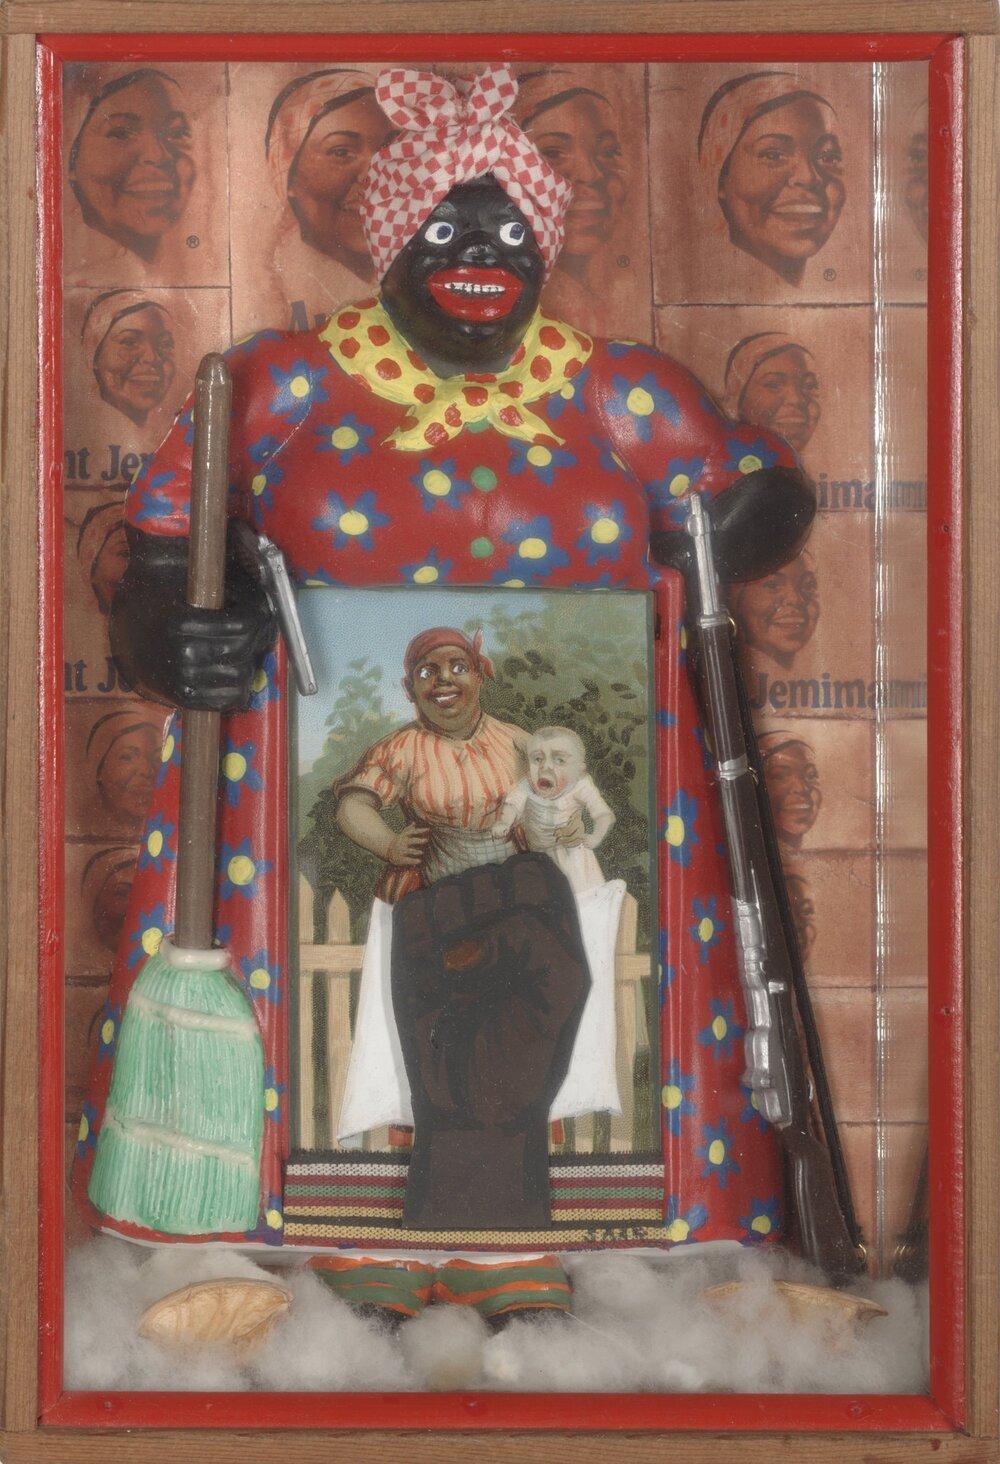 «Освобождение тетушки Джемимы», Бетти Саар, 1972, Лос Анджелес, Музей искусства Беркли